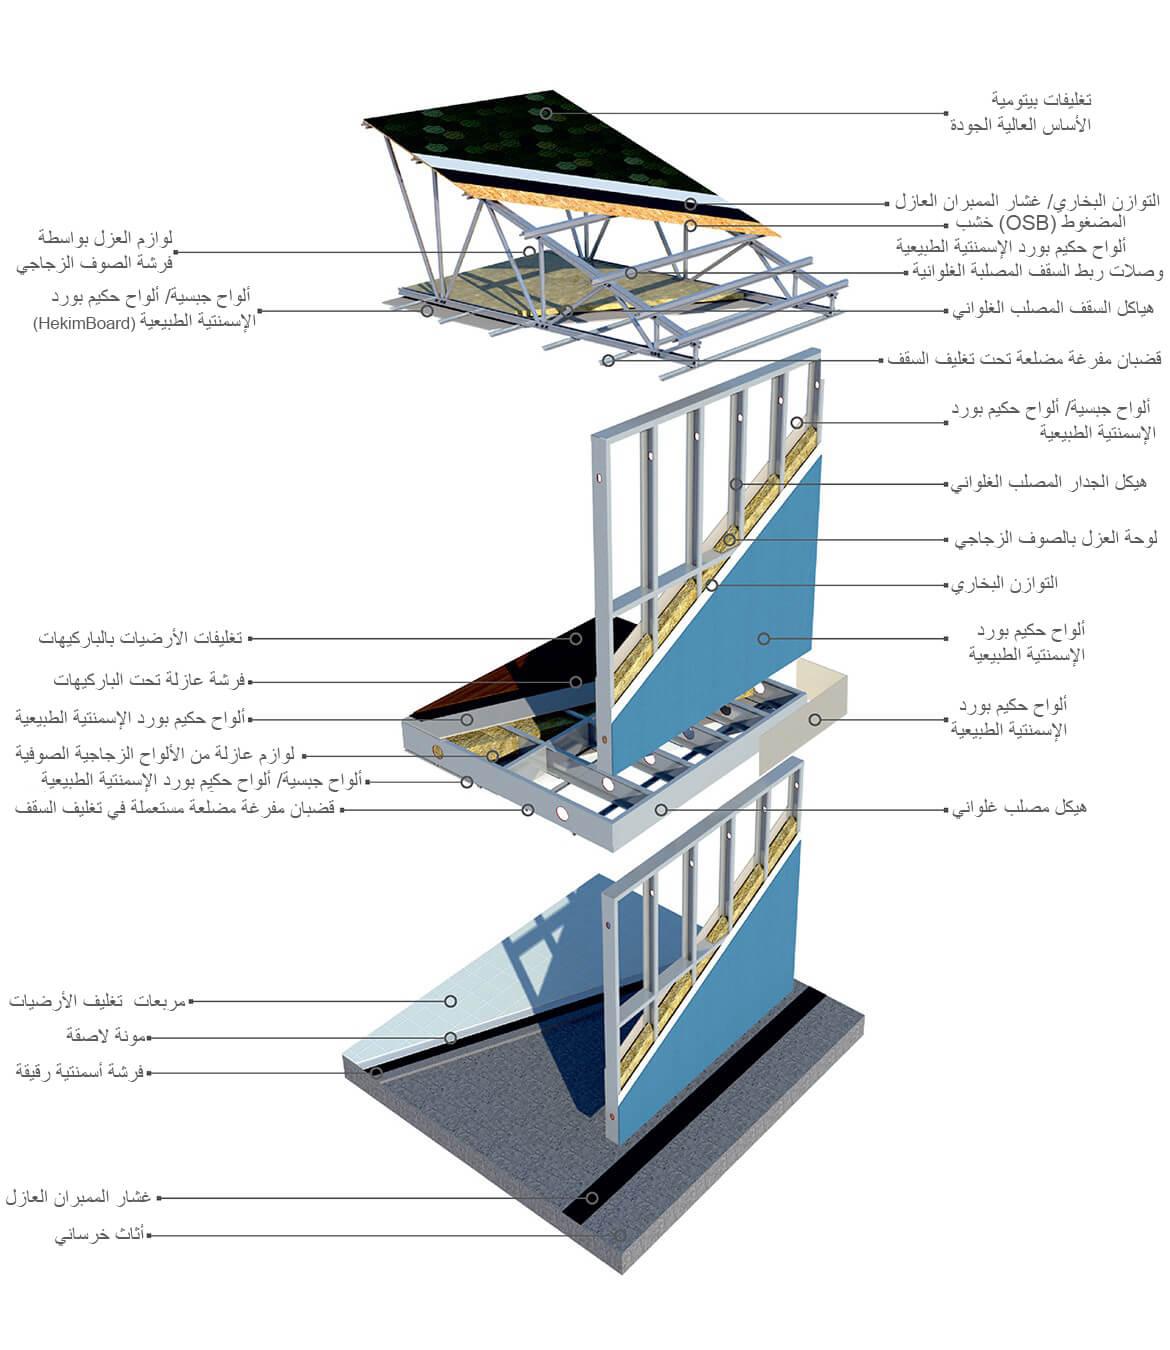 أنظمة الأبنية الفولاذية الخفيفة